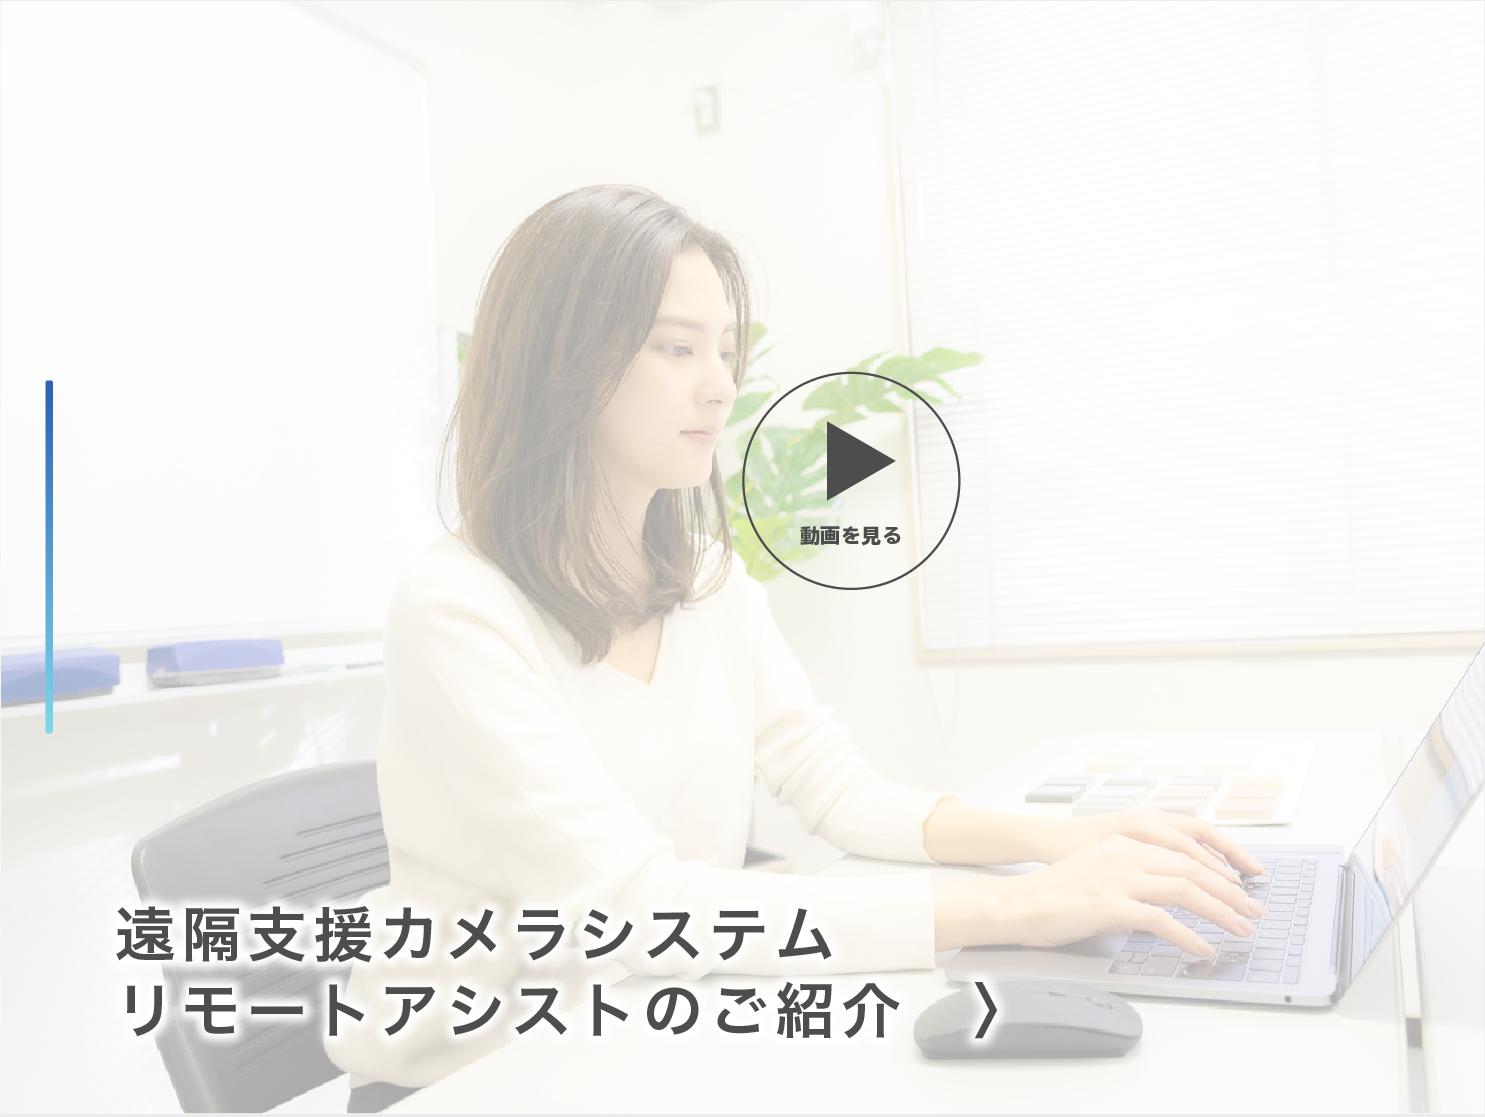 遠隔支援カメラシステム リモートアシストの紹介動画